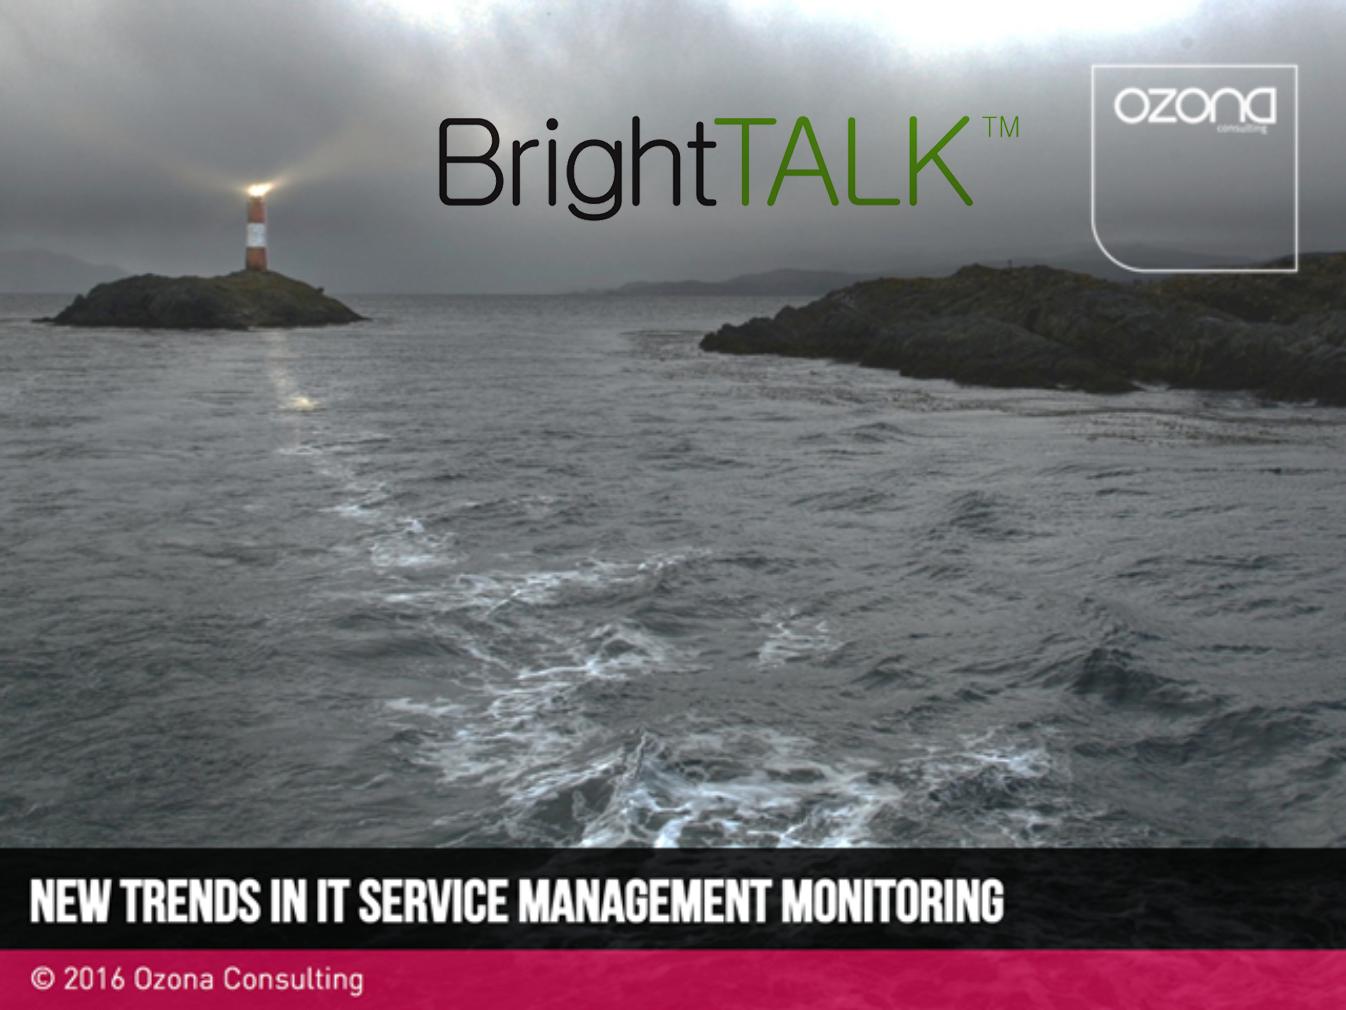 Monitorização de serviços e tendências por Diego Berea, David A. Smith